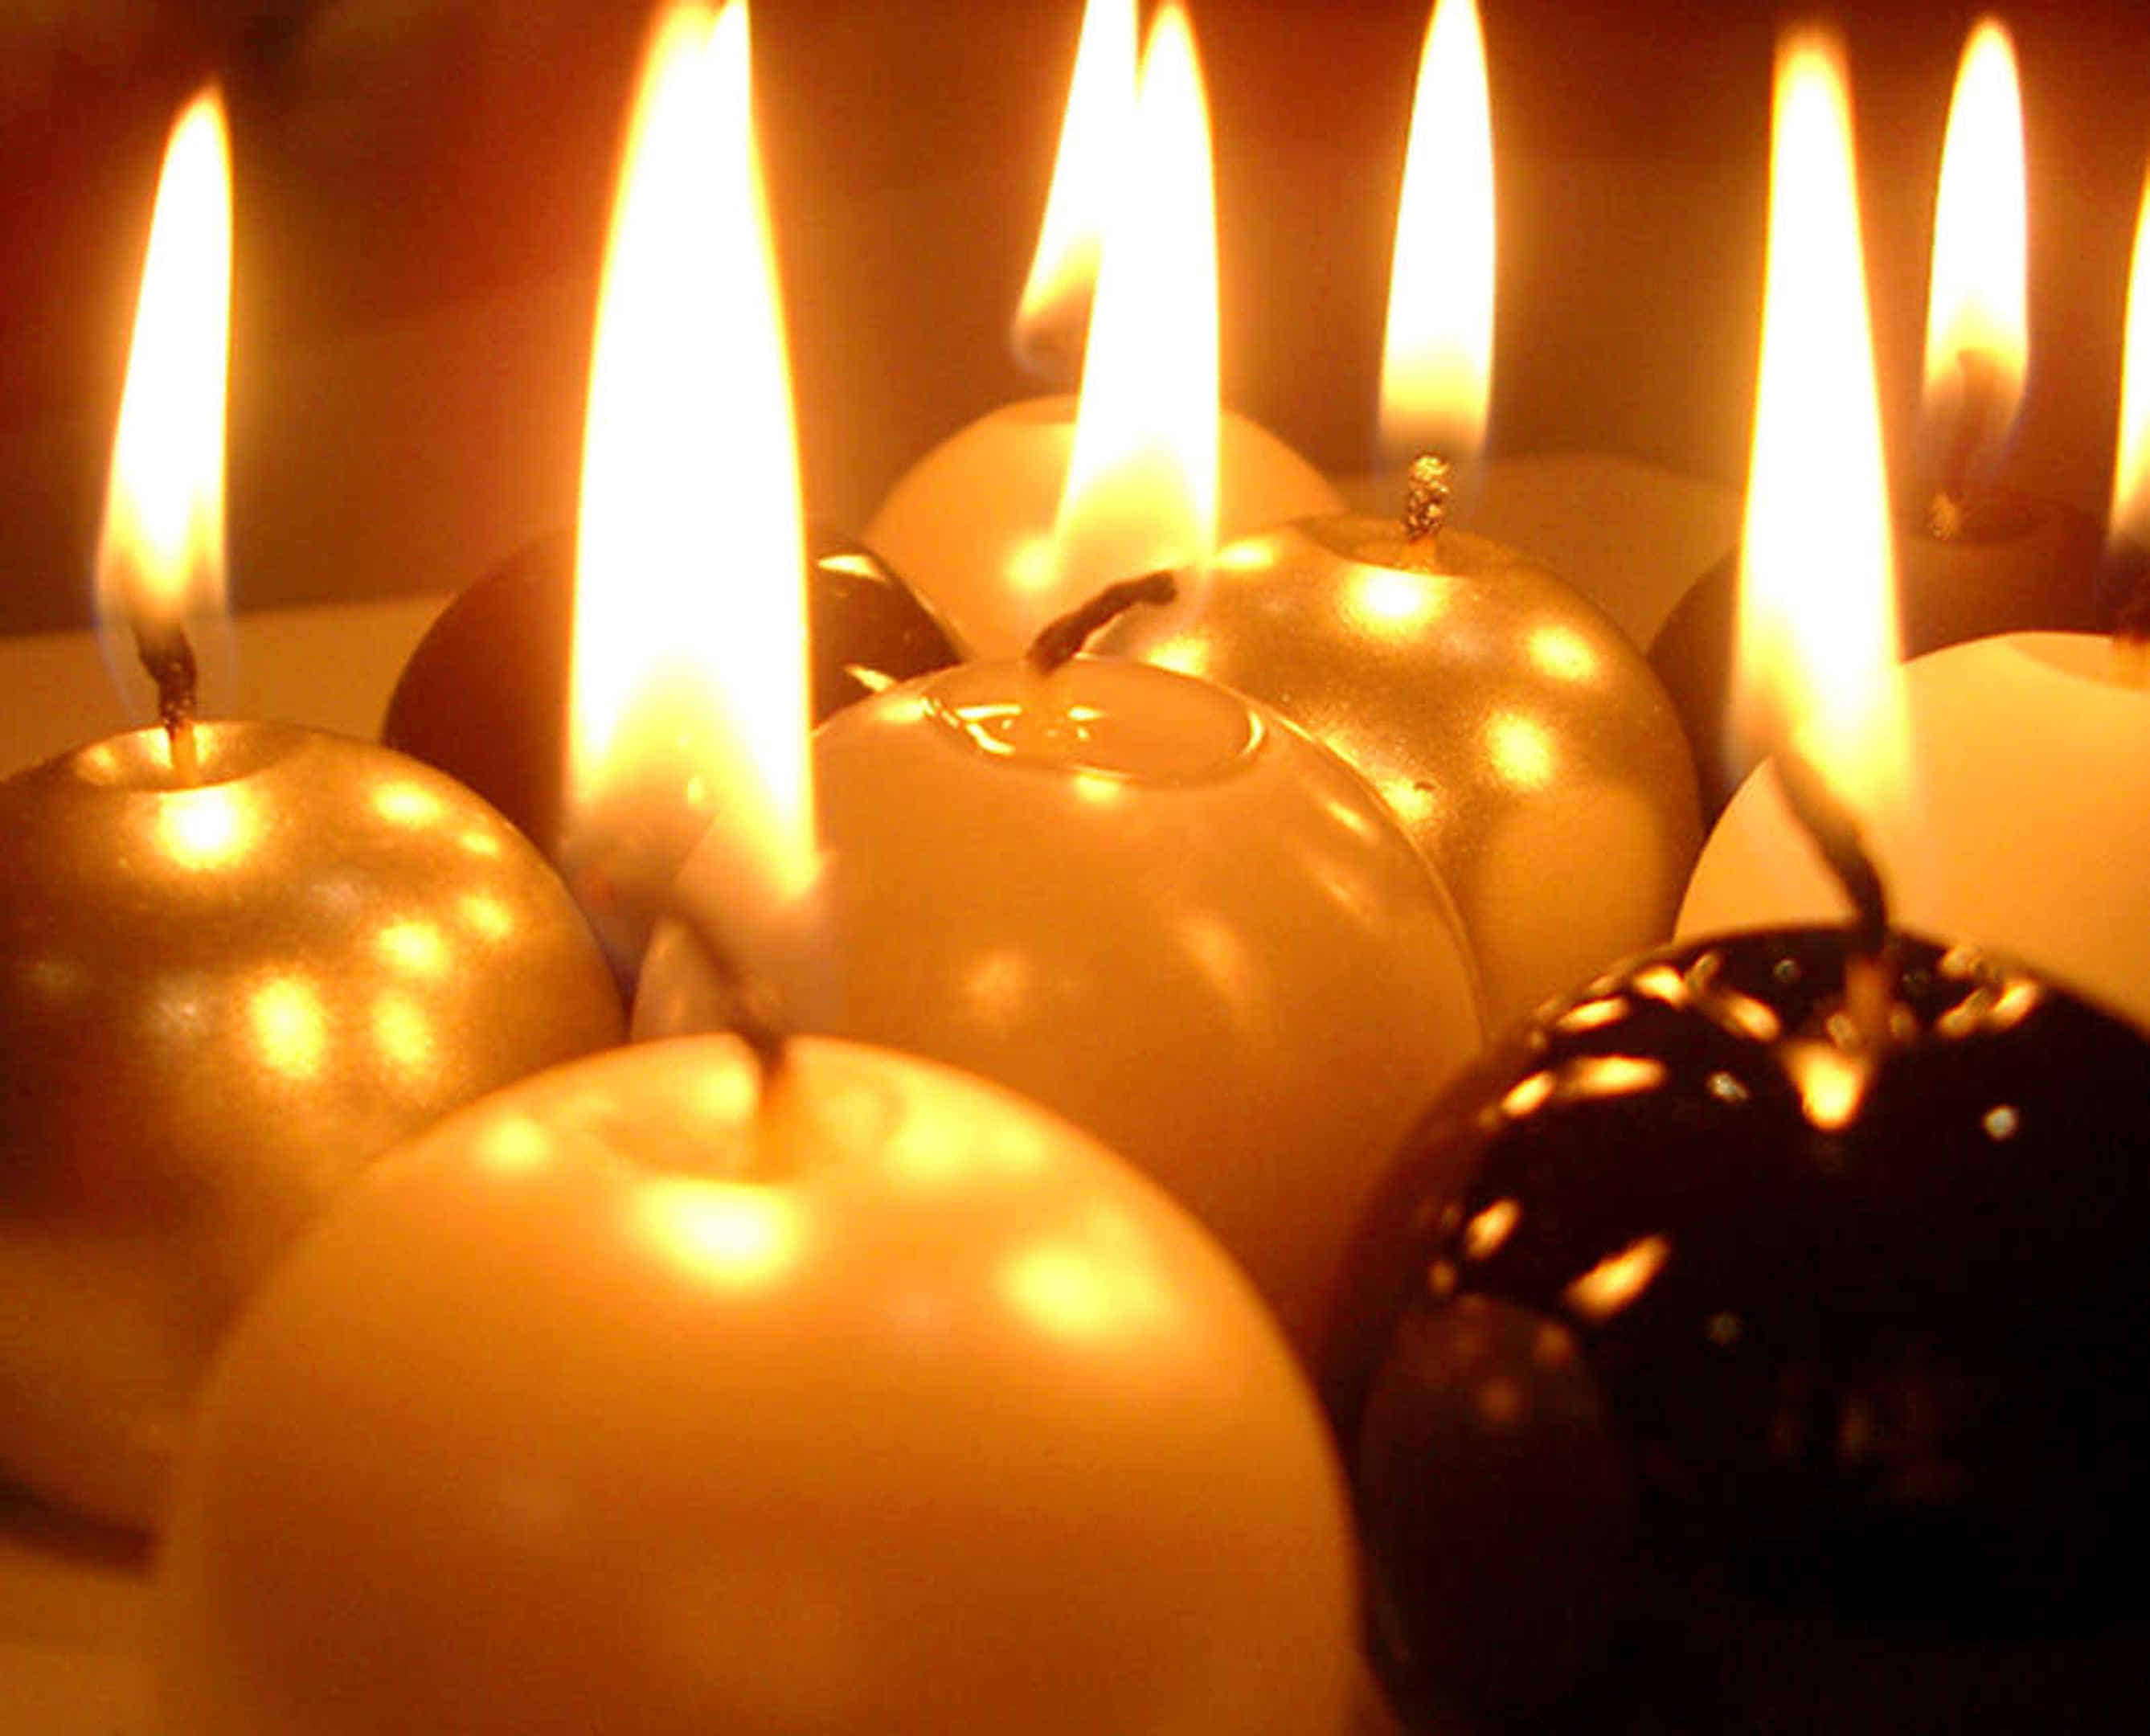 Foto: Viele brennende Kugelkerzen sorgen für ein warmes Licht.